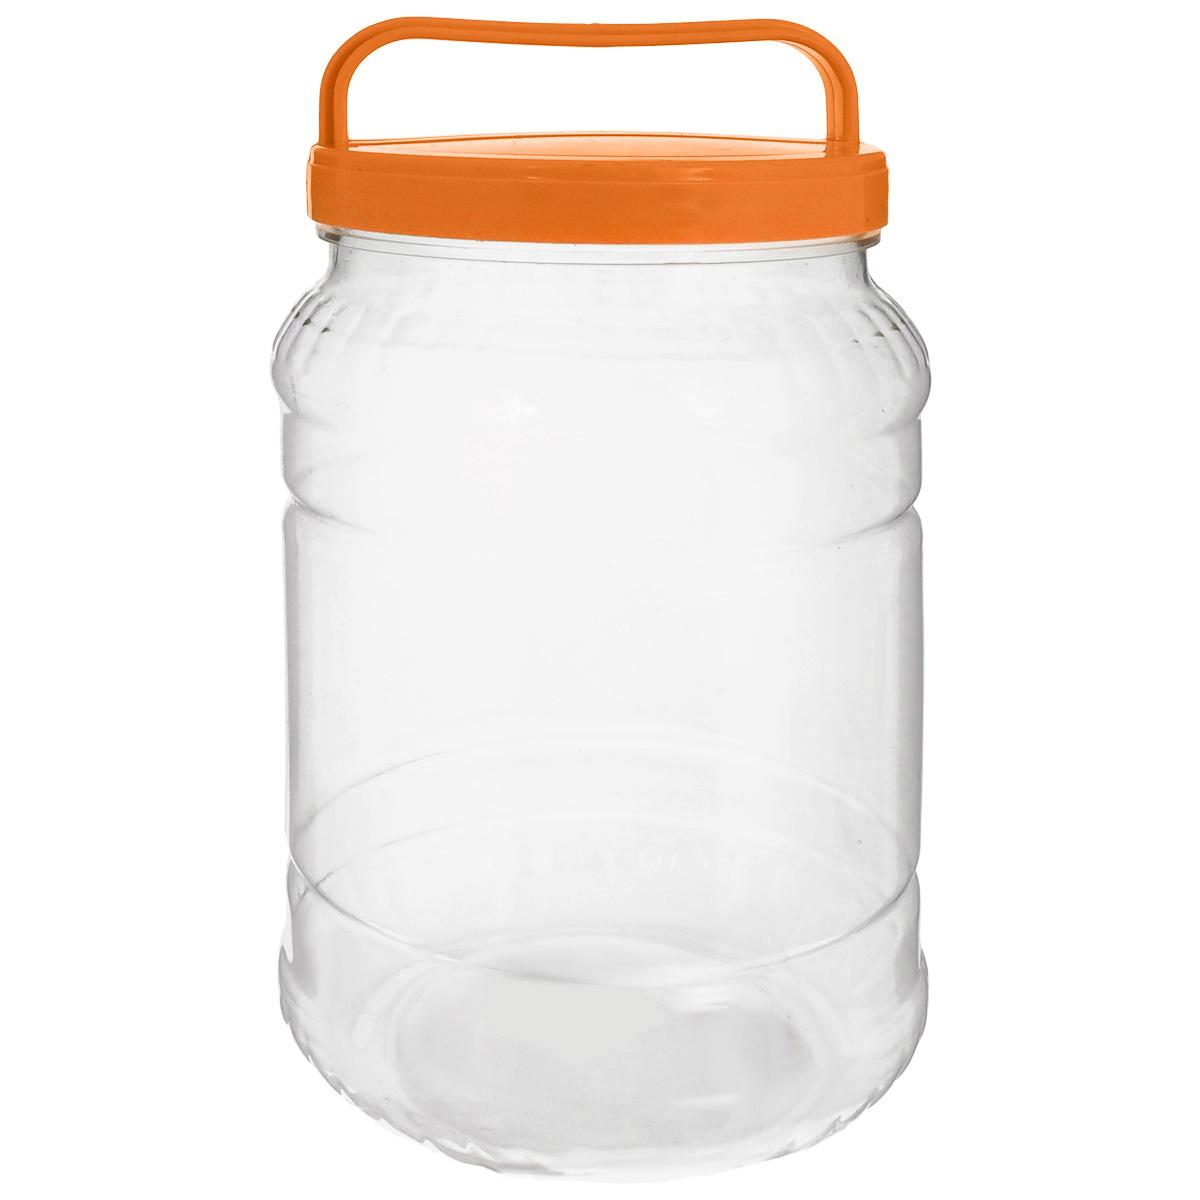 Бидон Альтернатива, цвет: прозрачный, оранжевый, 2 лМ461_оранжевыйБидон Альтернатива предназначен для хранения и переноски пищевыхпродуктов, таких как молоко, вода и прочее. Выполнен из пищевого высококачественного пластика.Оснащен ручкойдля удобной переноски. Бидон Альтернатива станет незаменимым аксессуаром на вашей кухне. Высота бидона (без учета крышки): 20,5 см. Диаметр: 10,5 см.